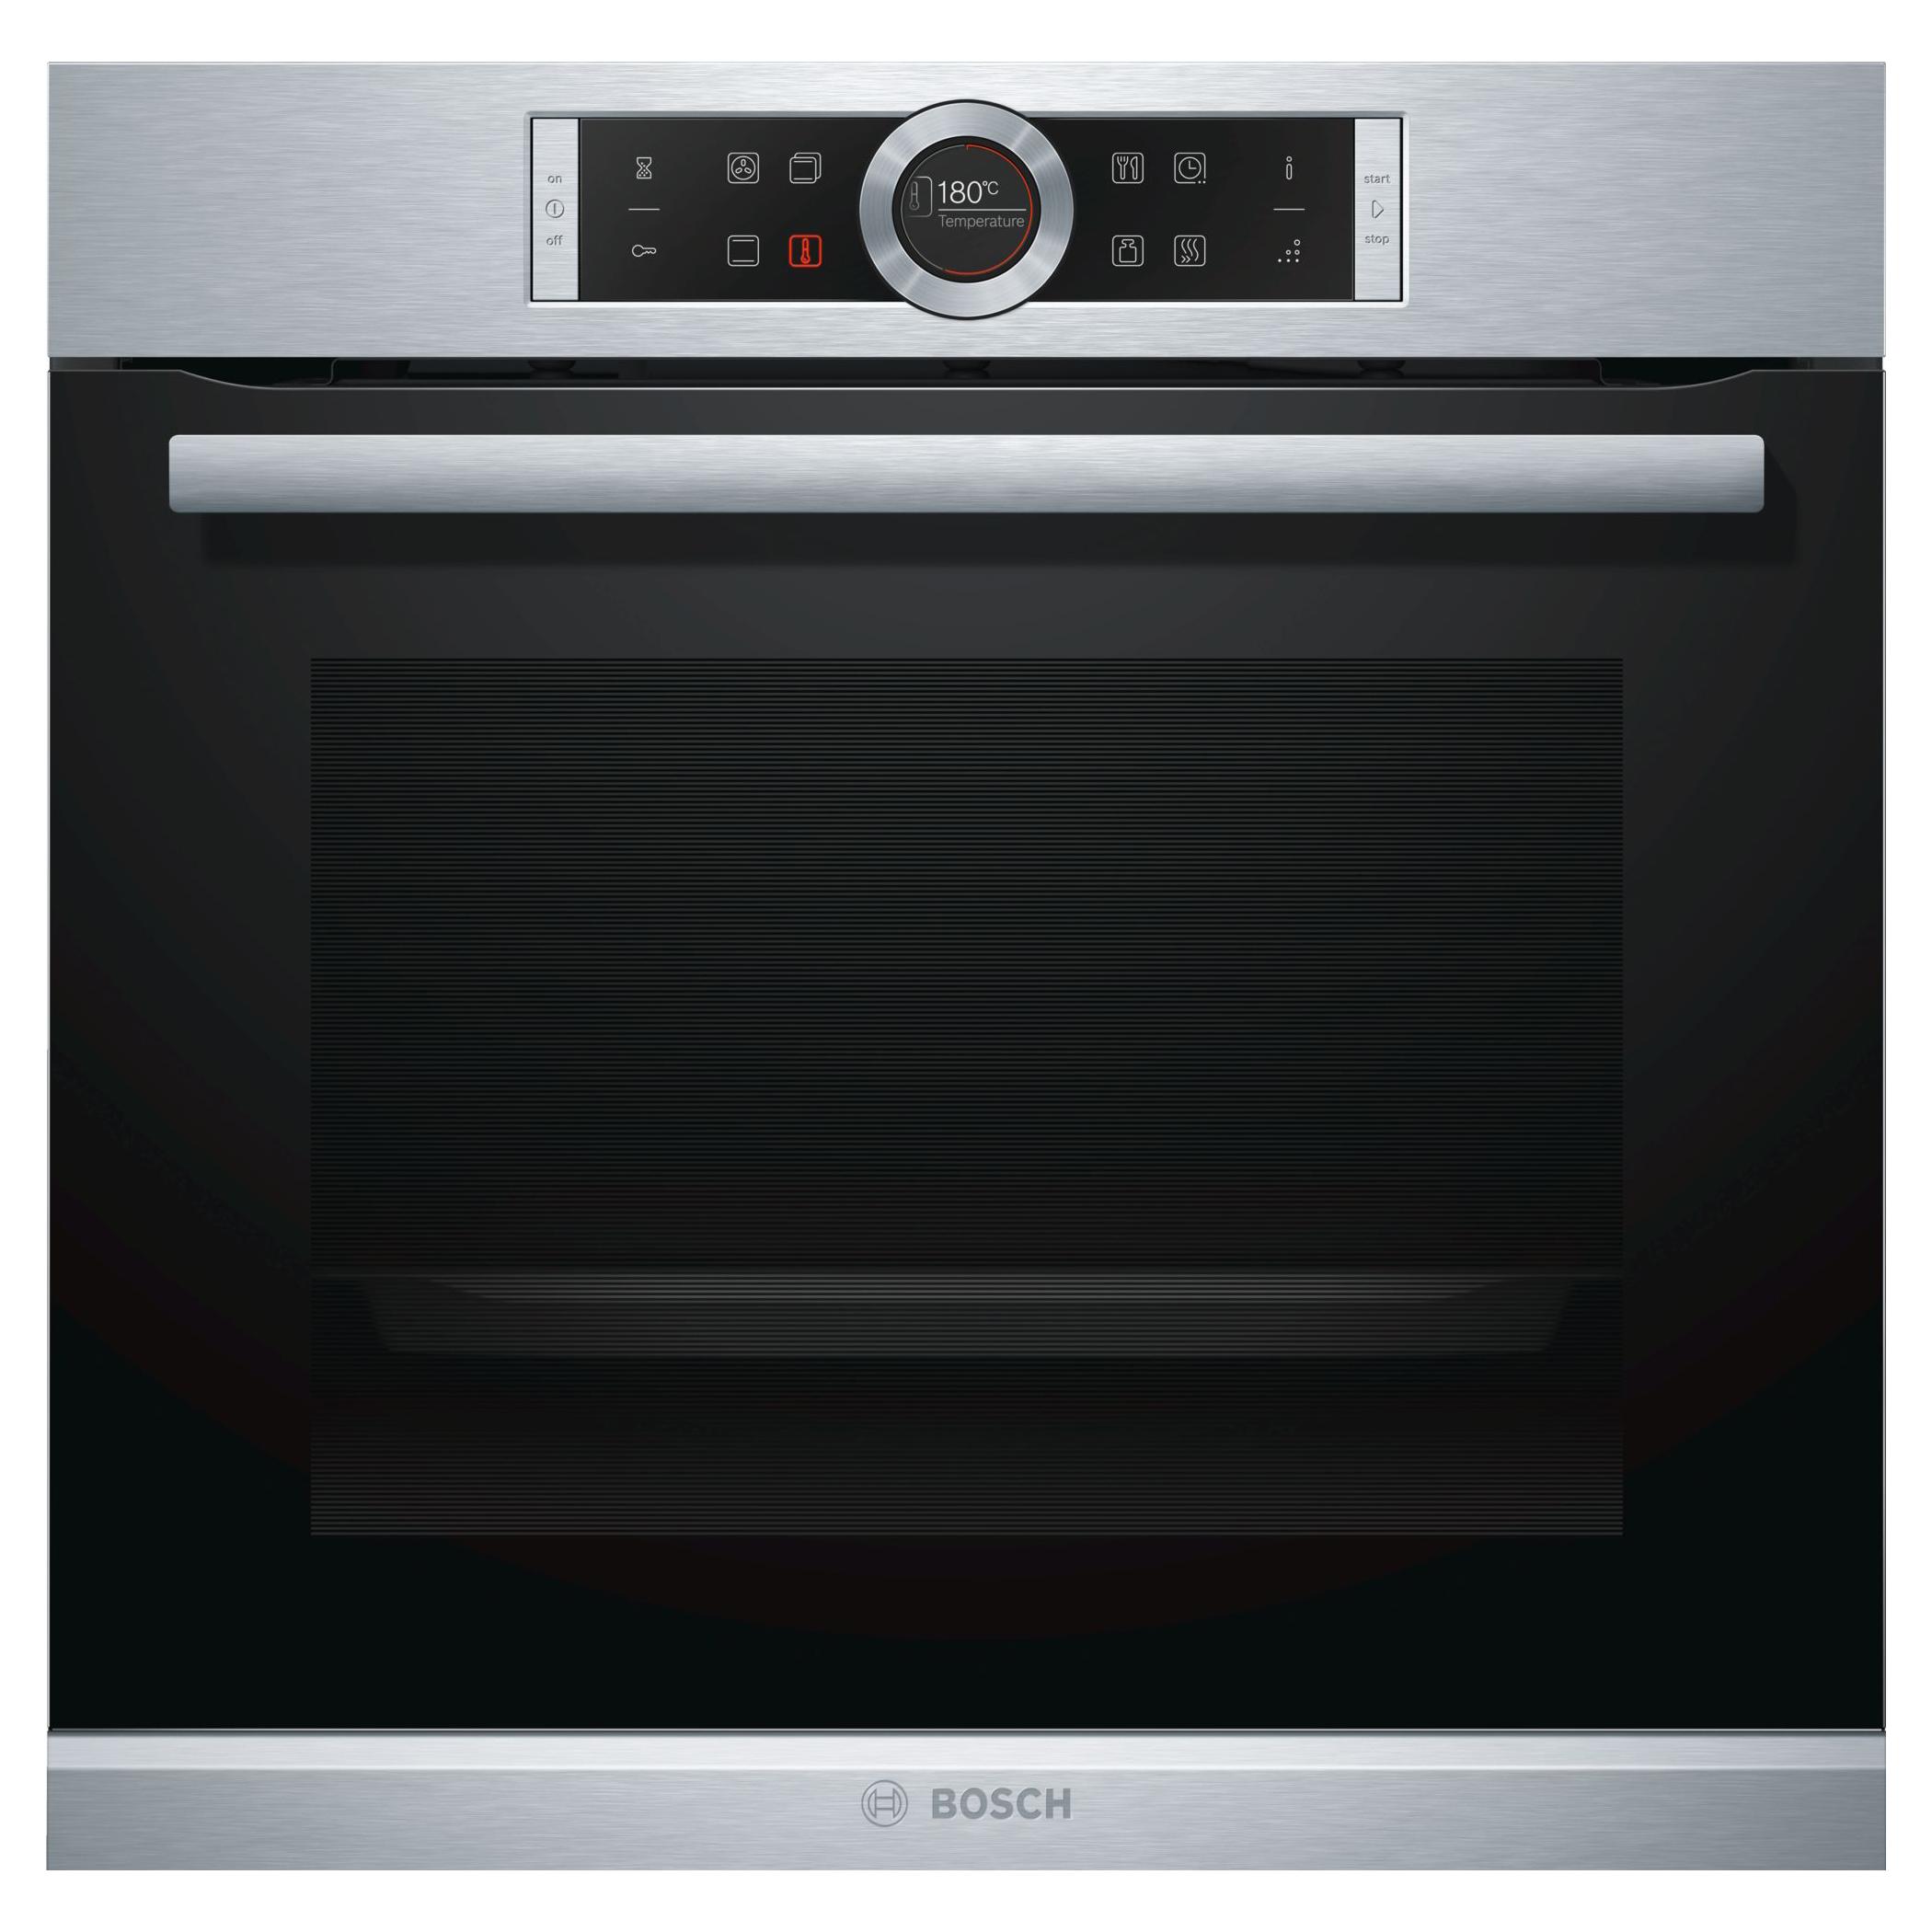 Lò nướng Bosch HBG655HS1A